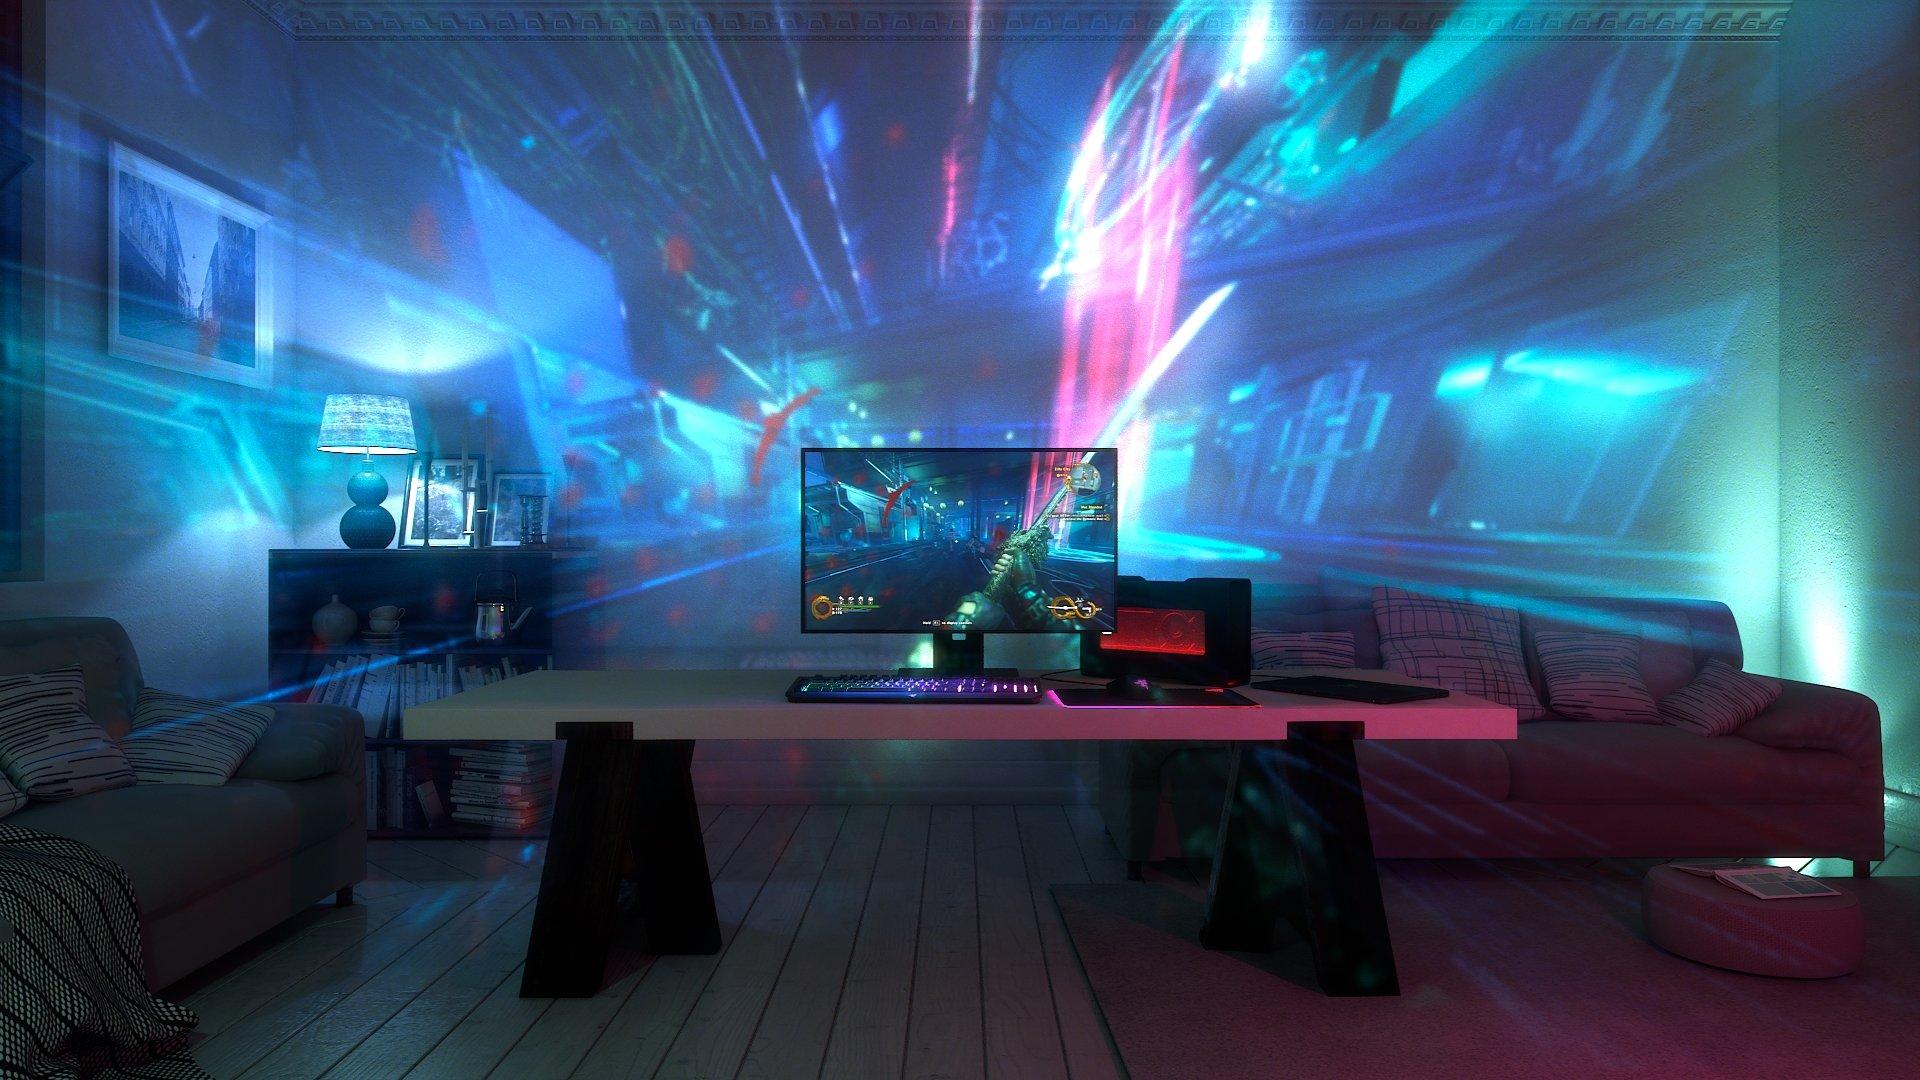 Project Ariana projiziert eine erweiterte Spielumgebung ins Zimmer